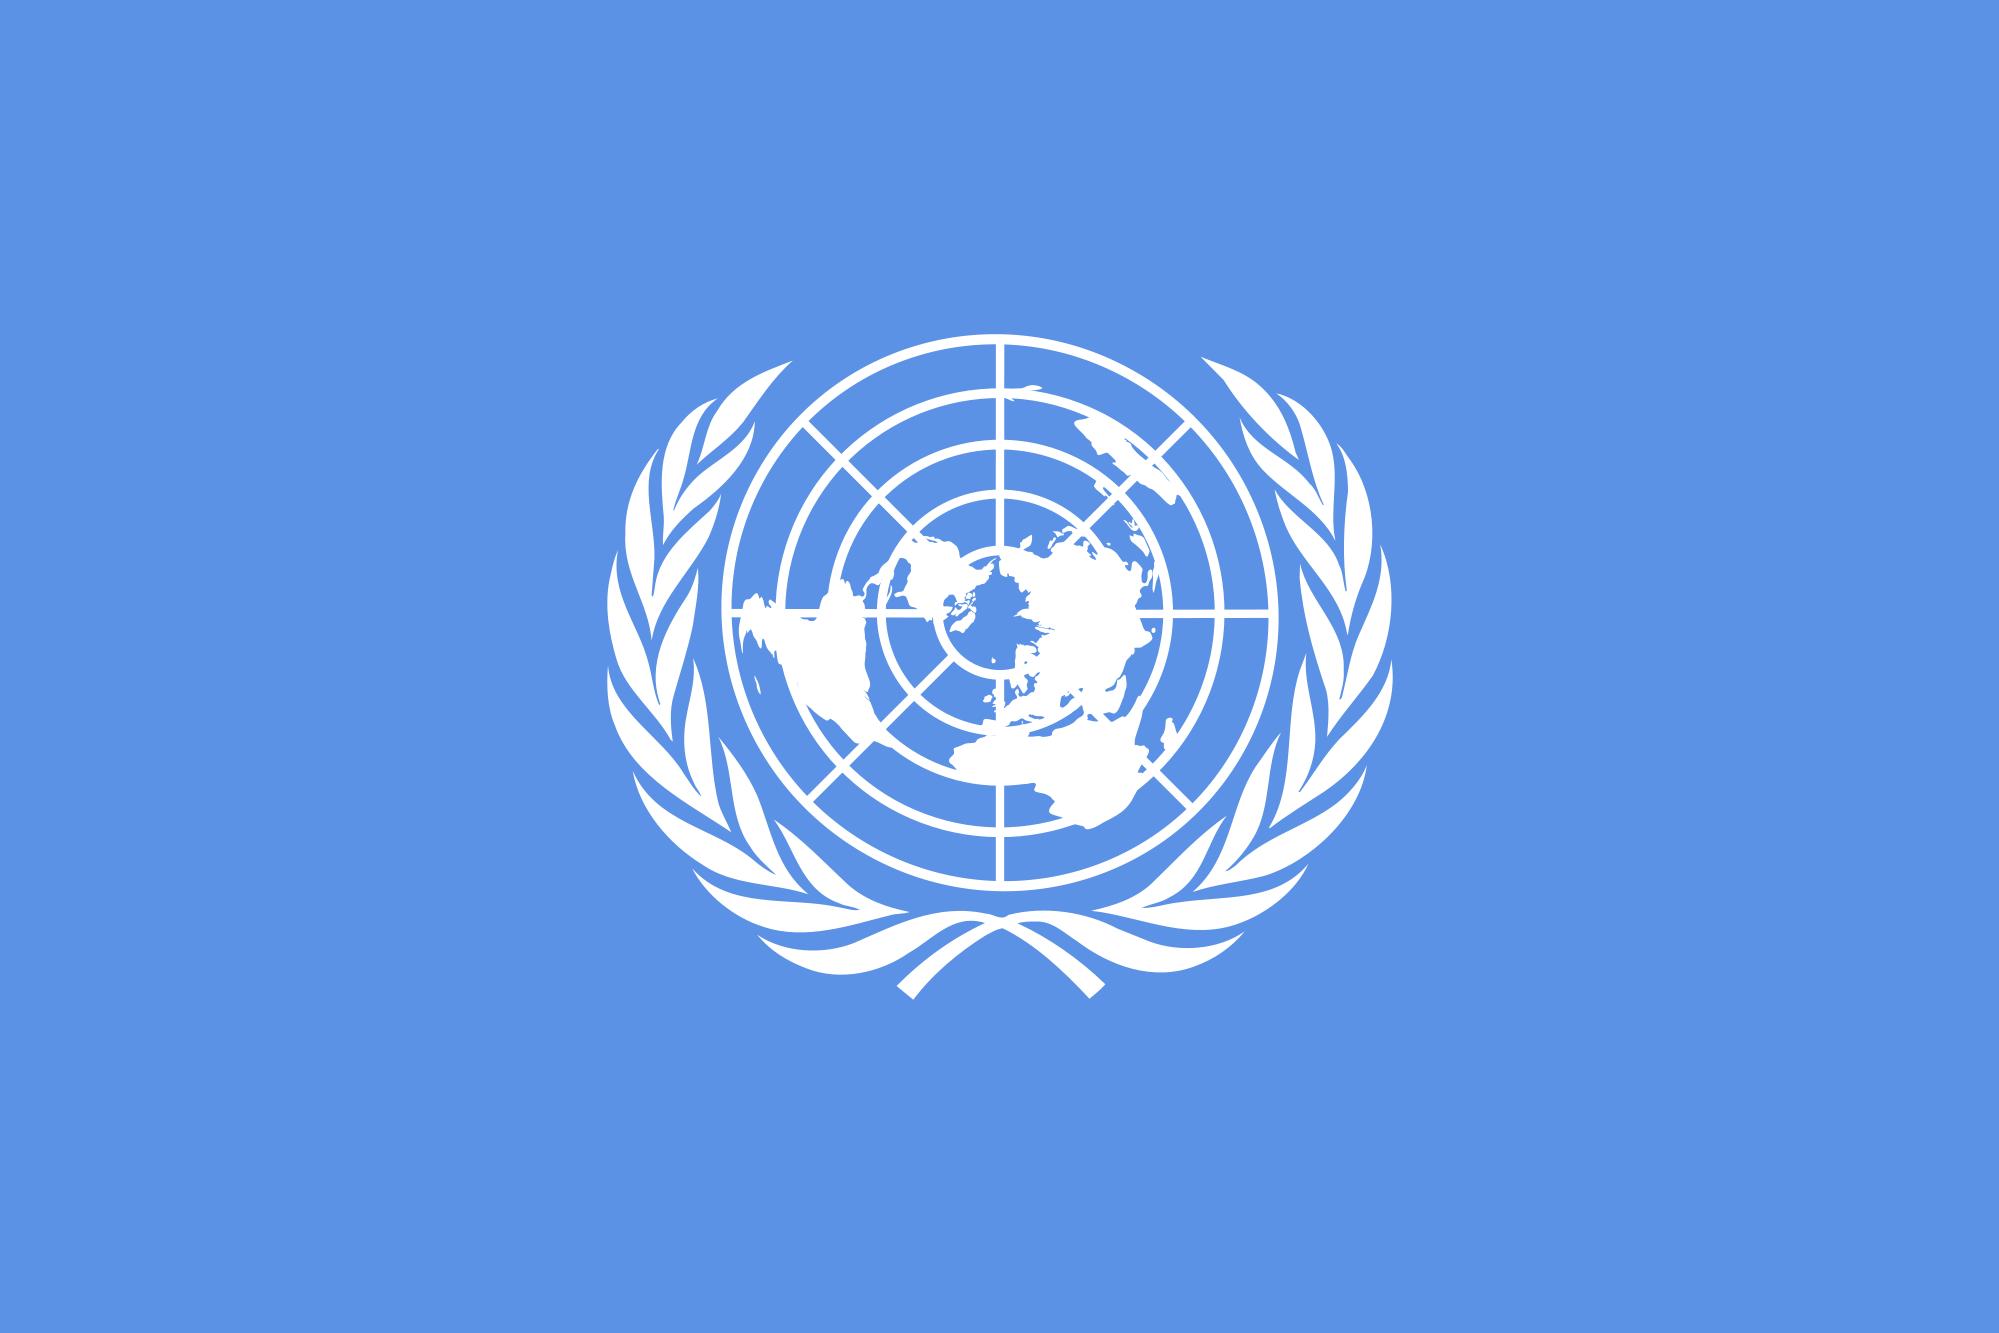 YK:n lipussa on tyylitelty maailmankartta seppeeleen sisällä.